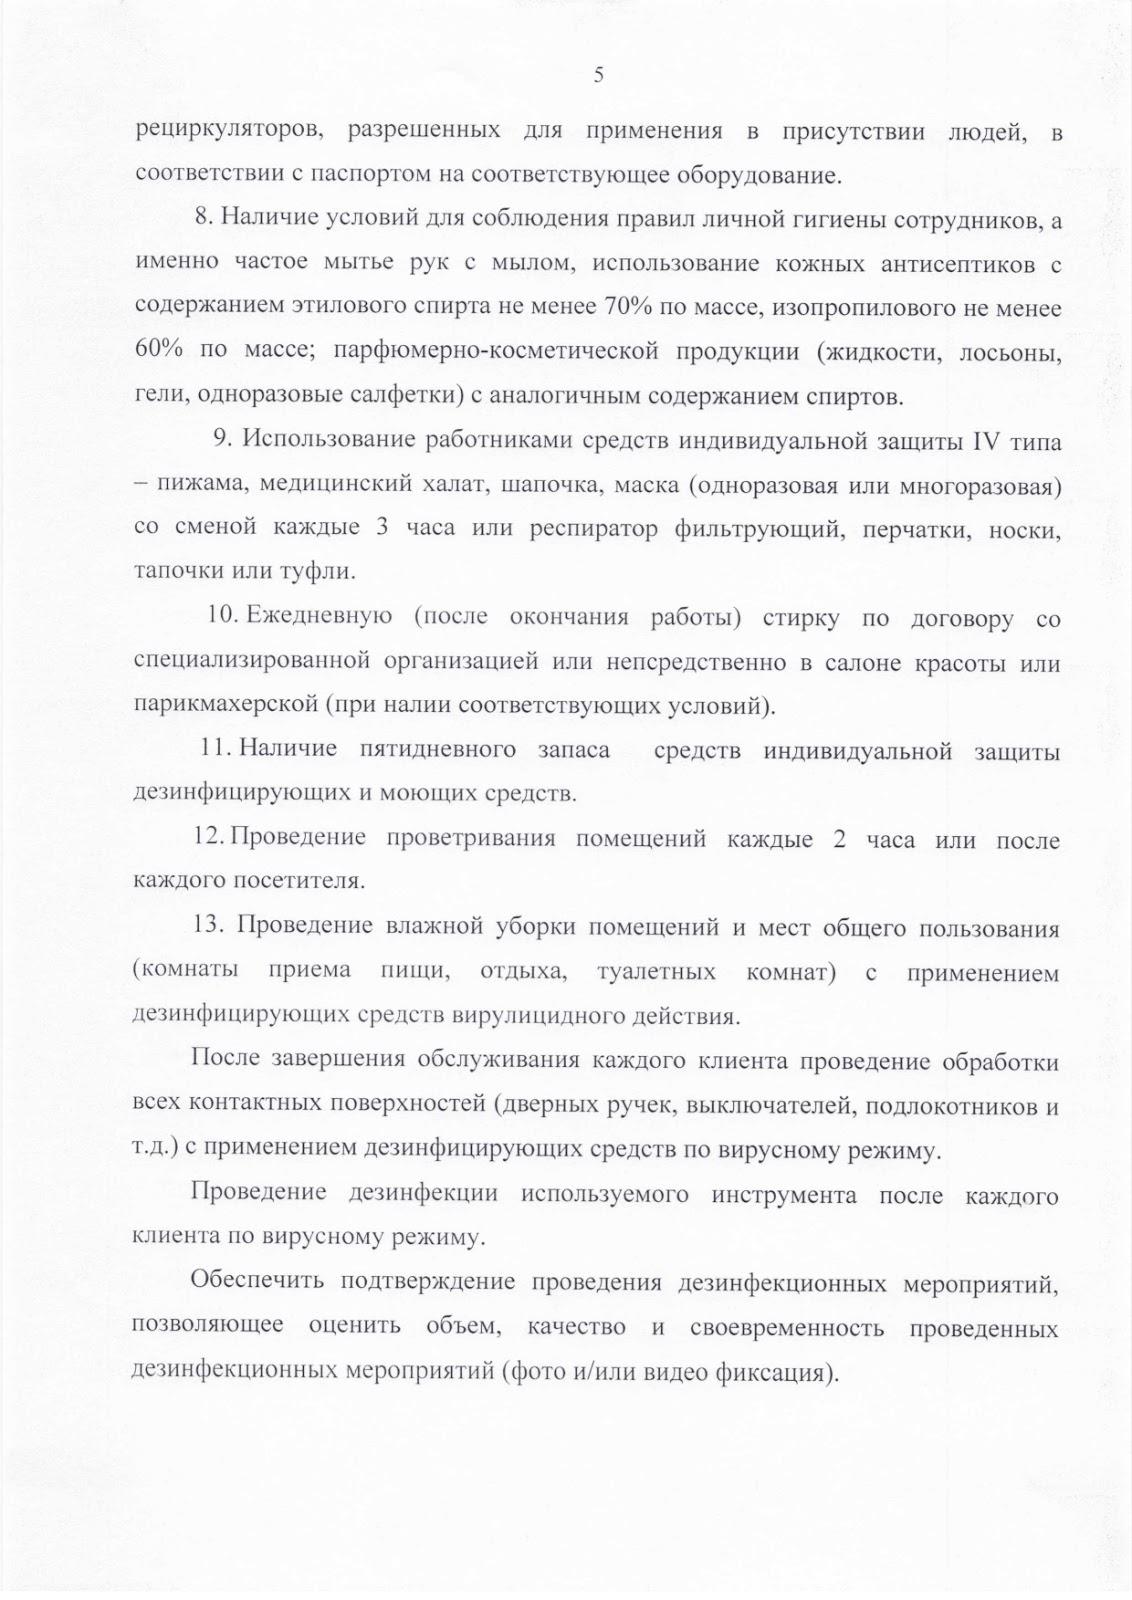 Роспотребнадзор для Салонов красоты и Парикмахерских - Рекомендации 2020 - 5